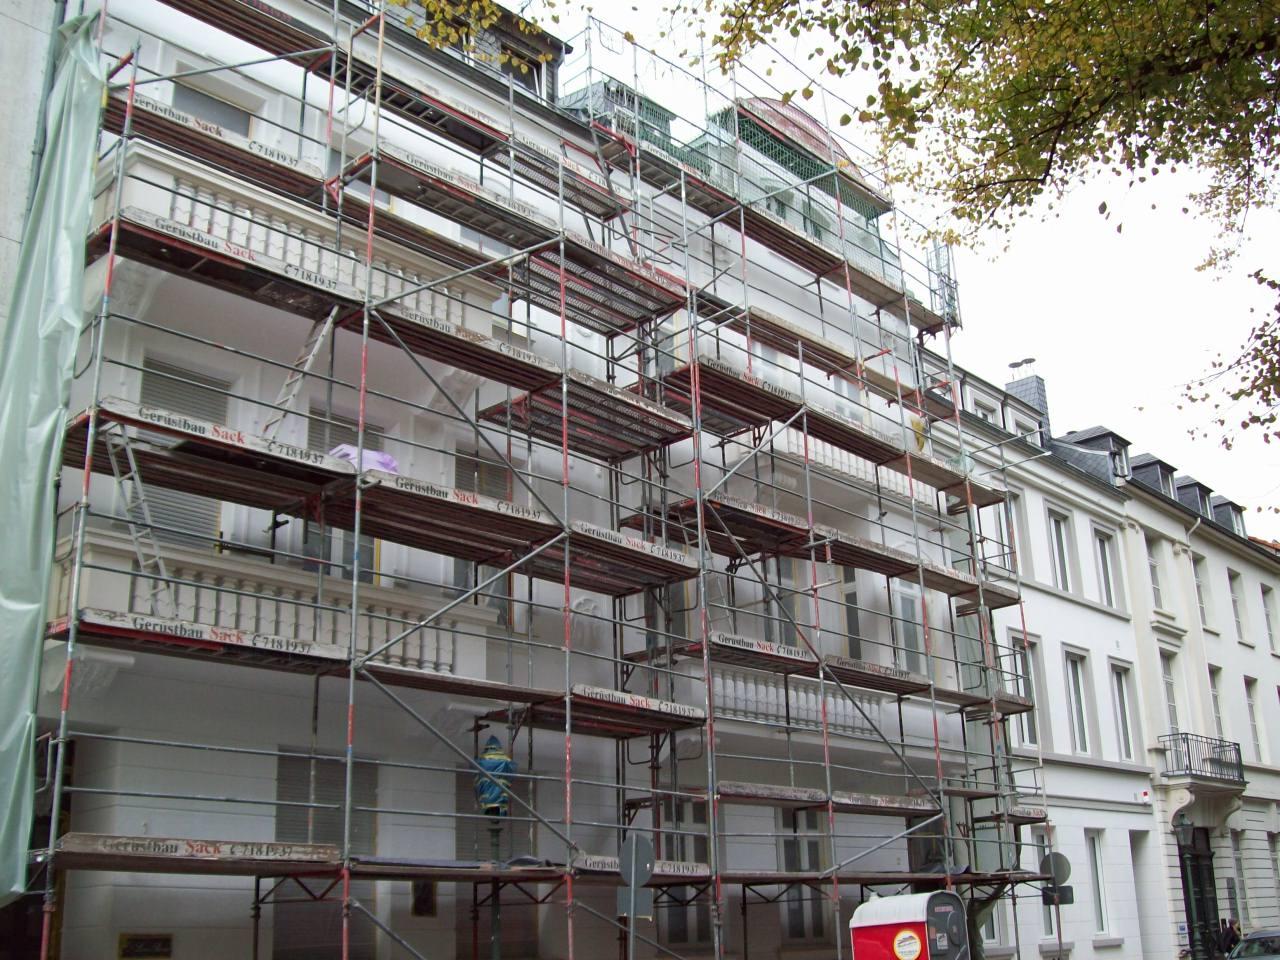 deutsches architektur forum einzelnen beitrag anzeigen neues aus der altstadt carlstadt. Black Bedroom Furniture Sets. Home Design Ideas